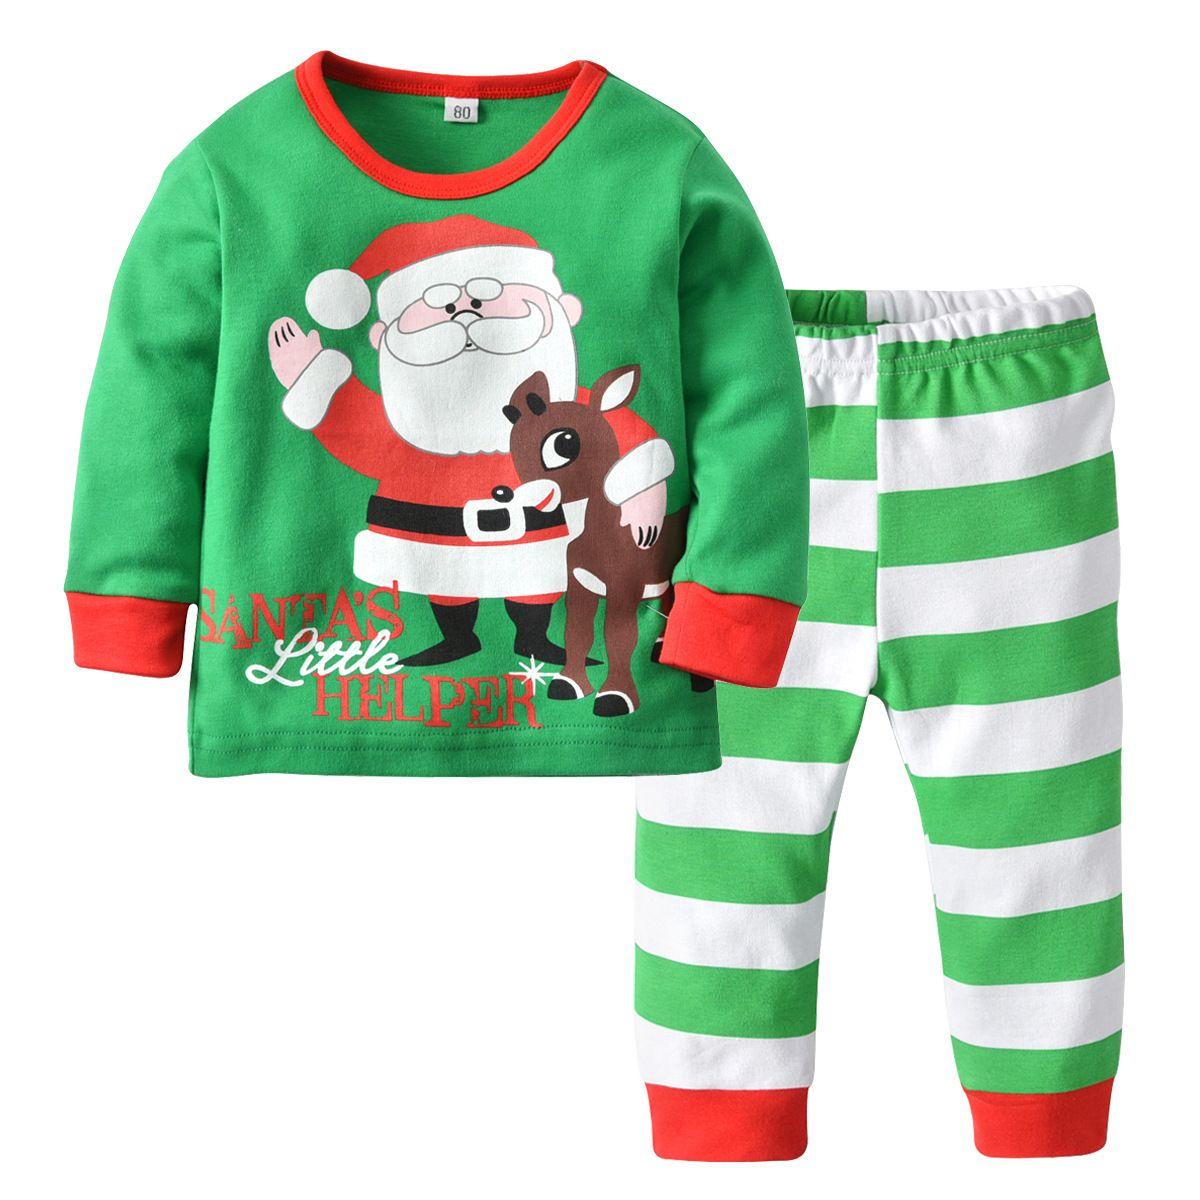 Ropa de hogar para niños, ropa para niños, pijamas con estampado de Papá Noel, pantalones a rayas verdes para niños y niñas, dos juegos